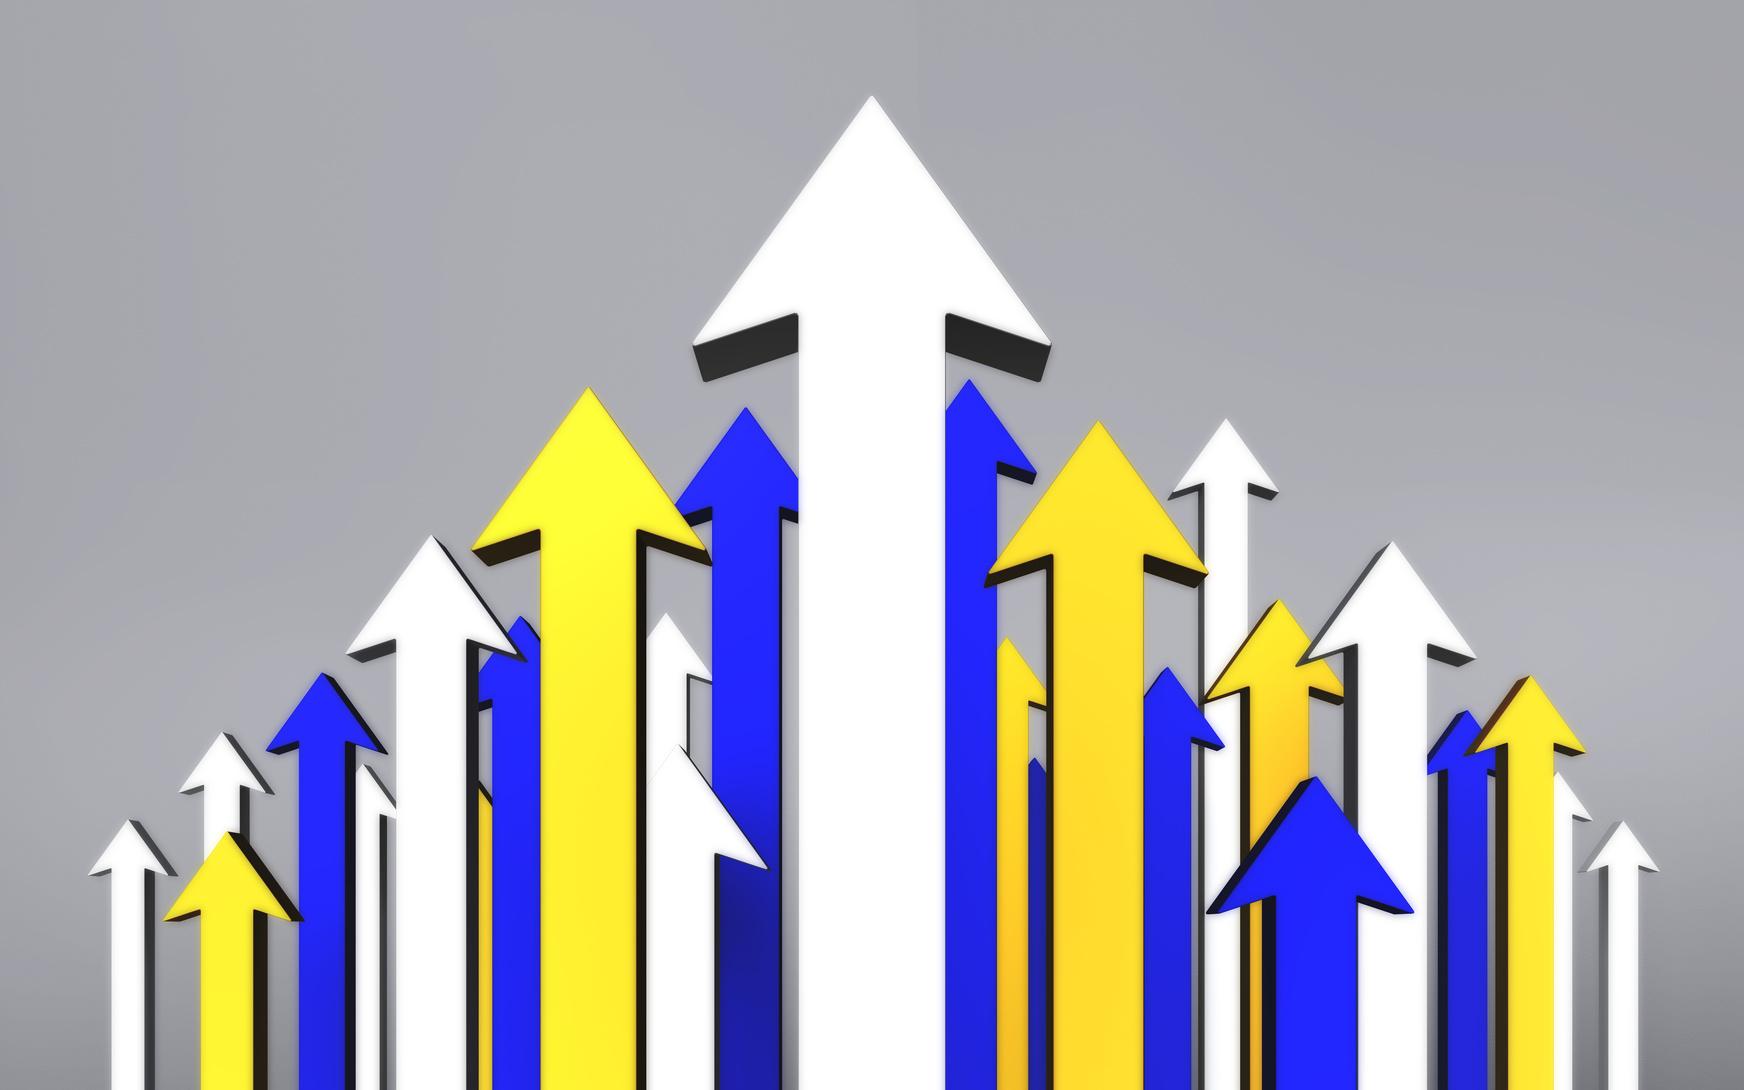 ファンダメンタル分析/新興国「経済」の現在